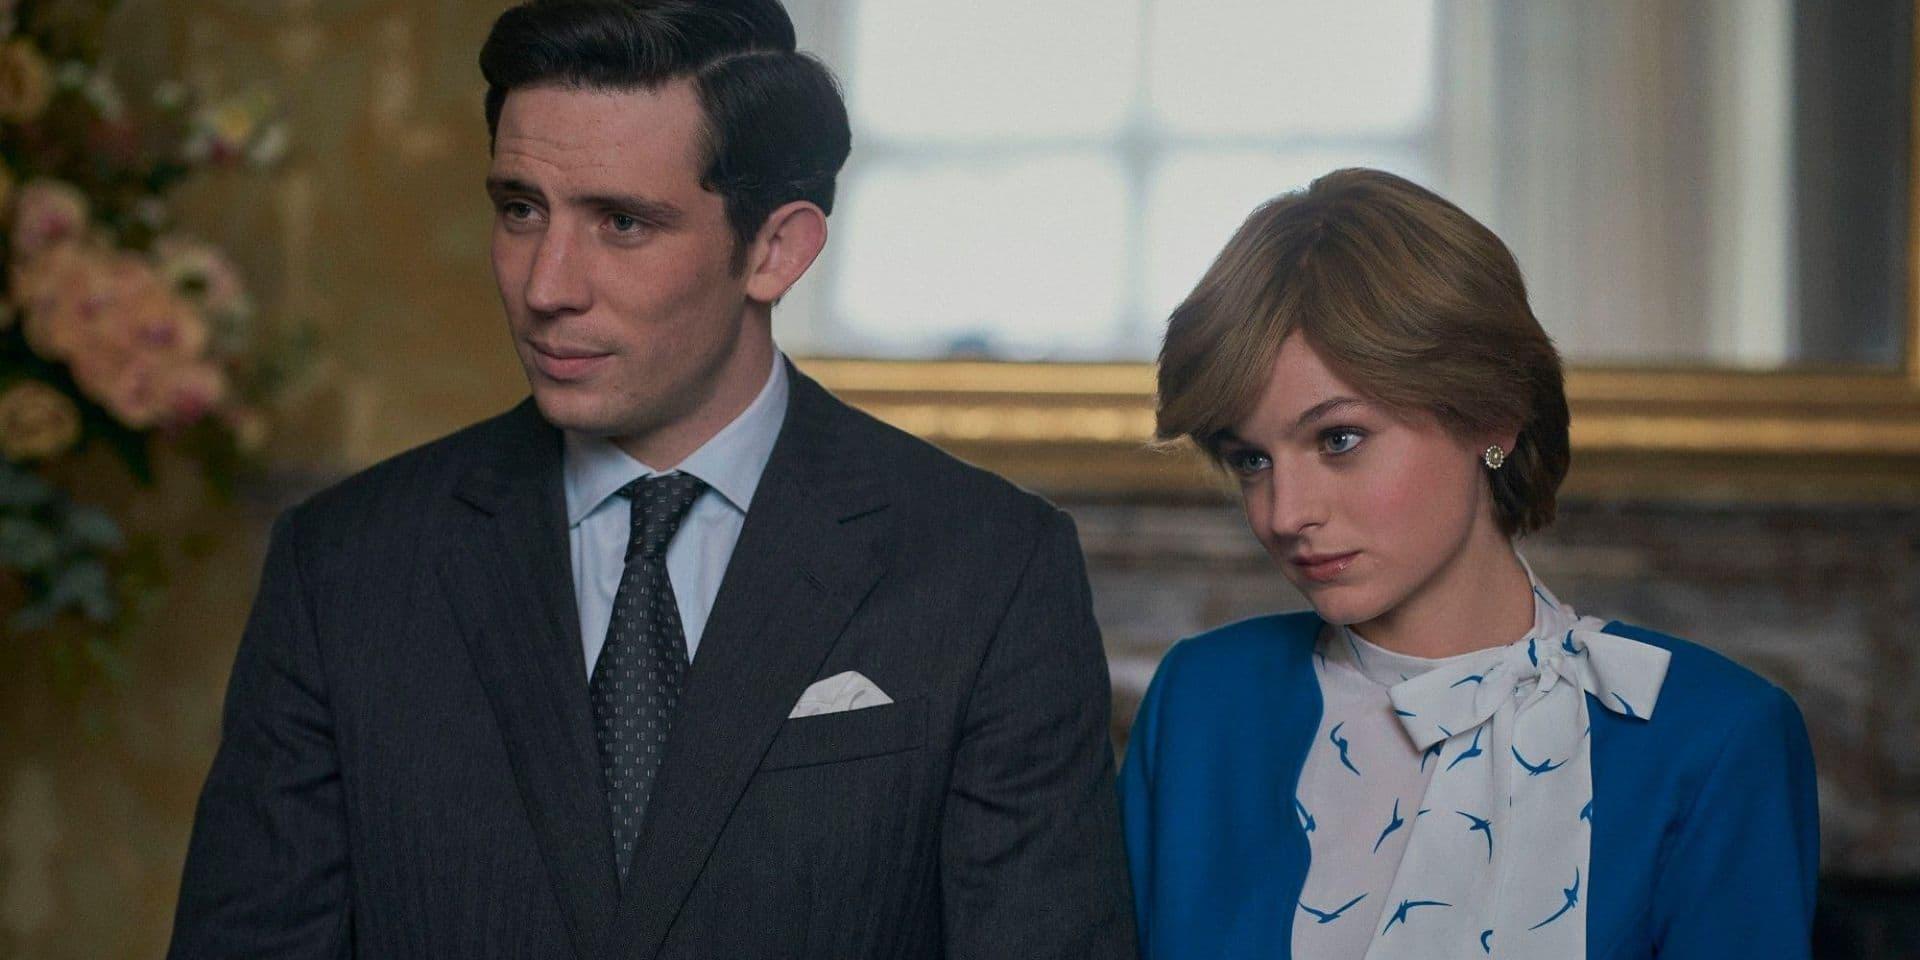 """Netflix refuse une demande du gouvernement britannique concernant la série """"The Crown"""""""